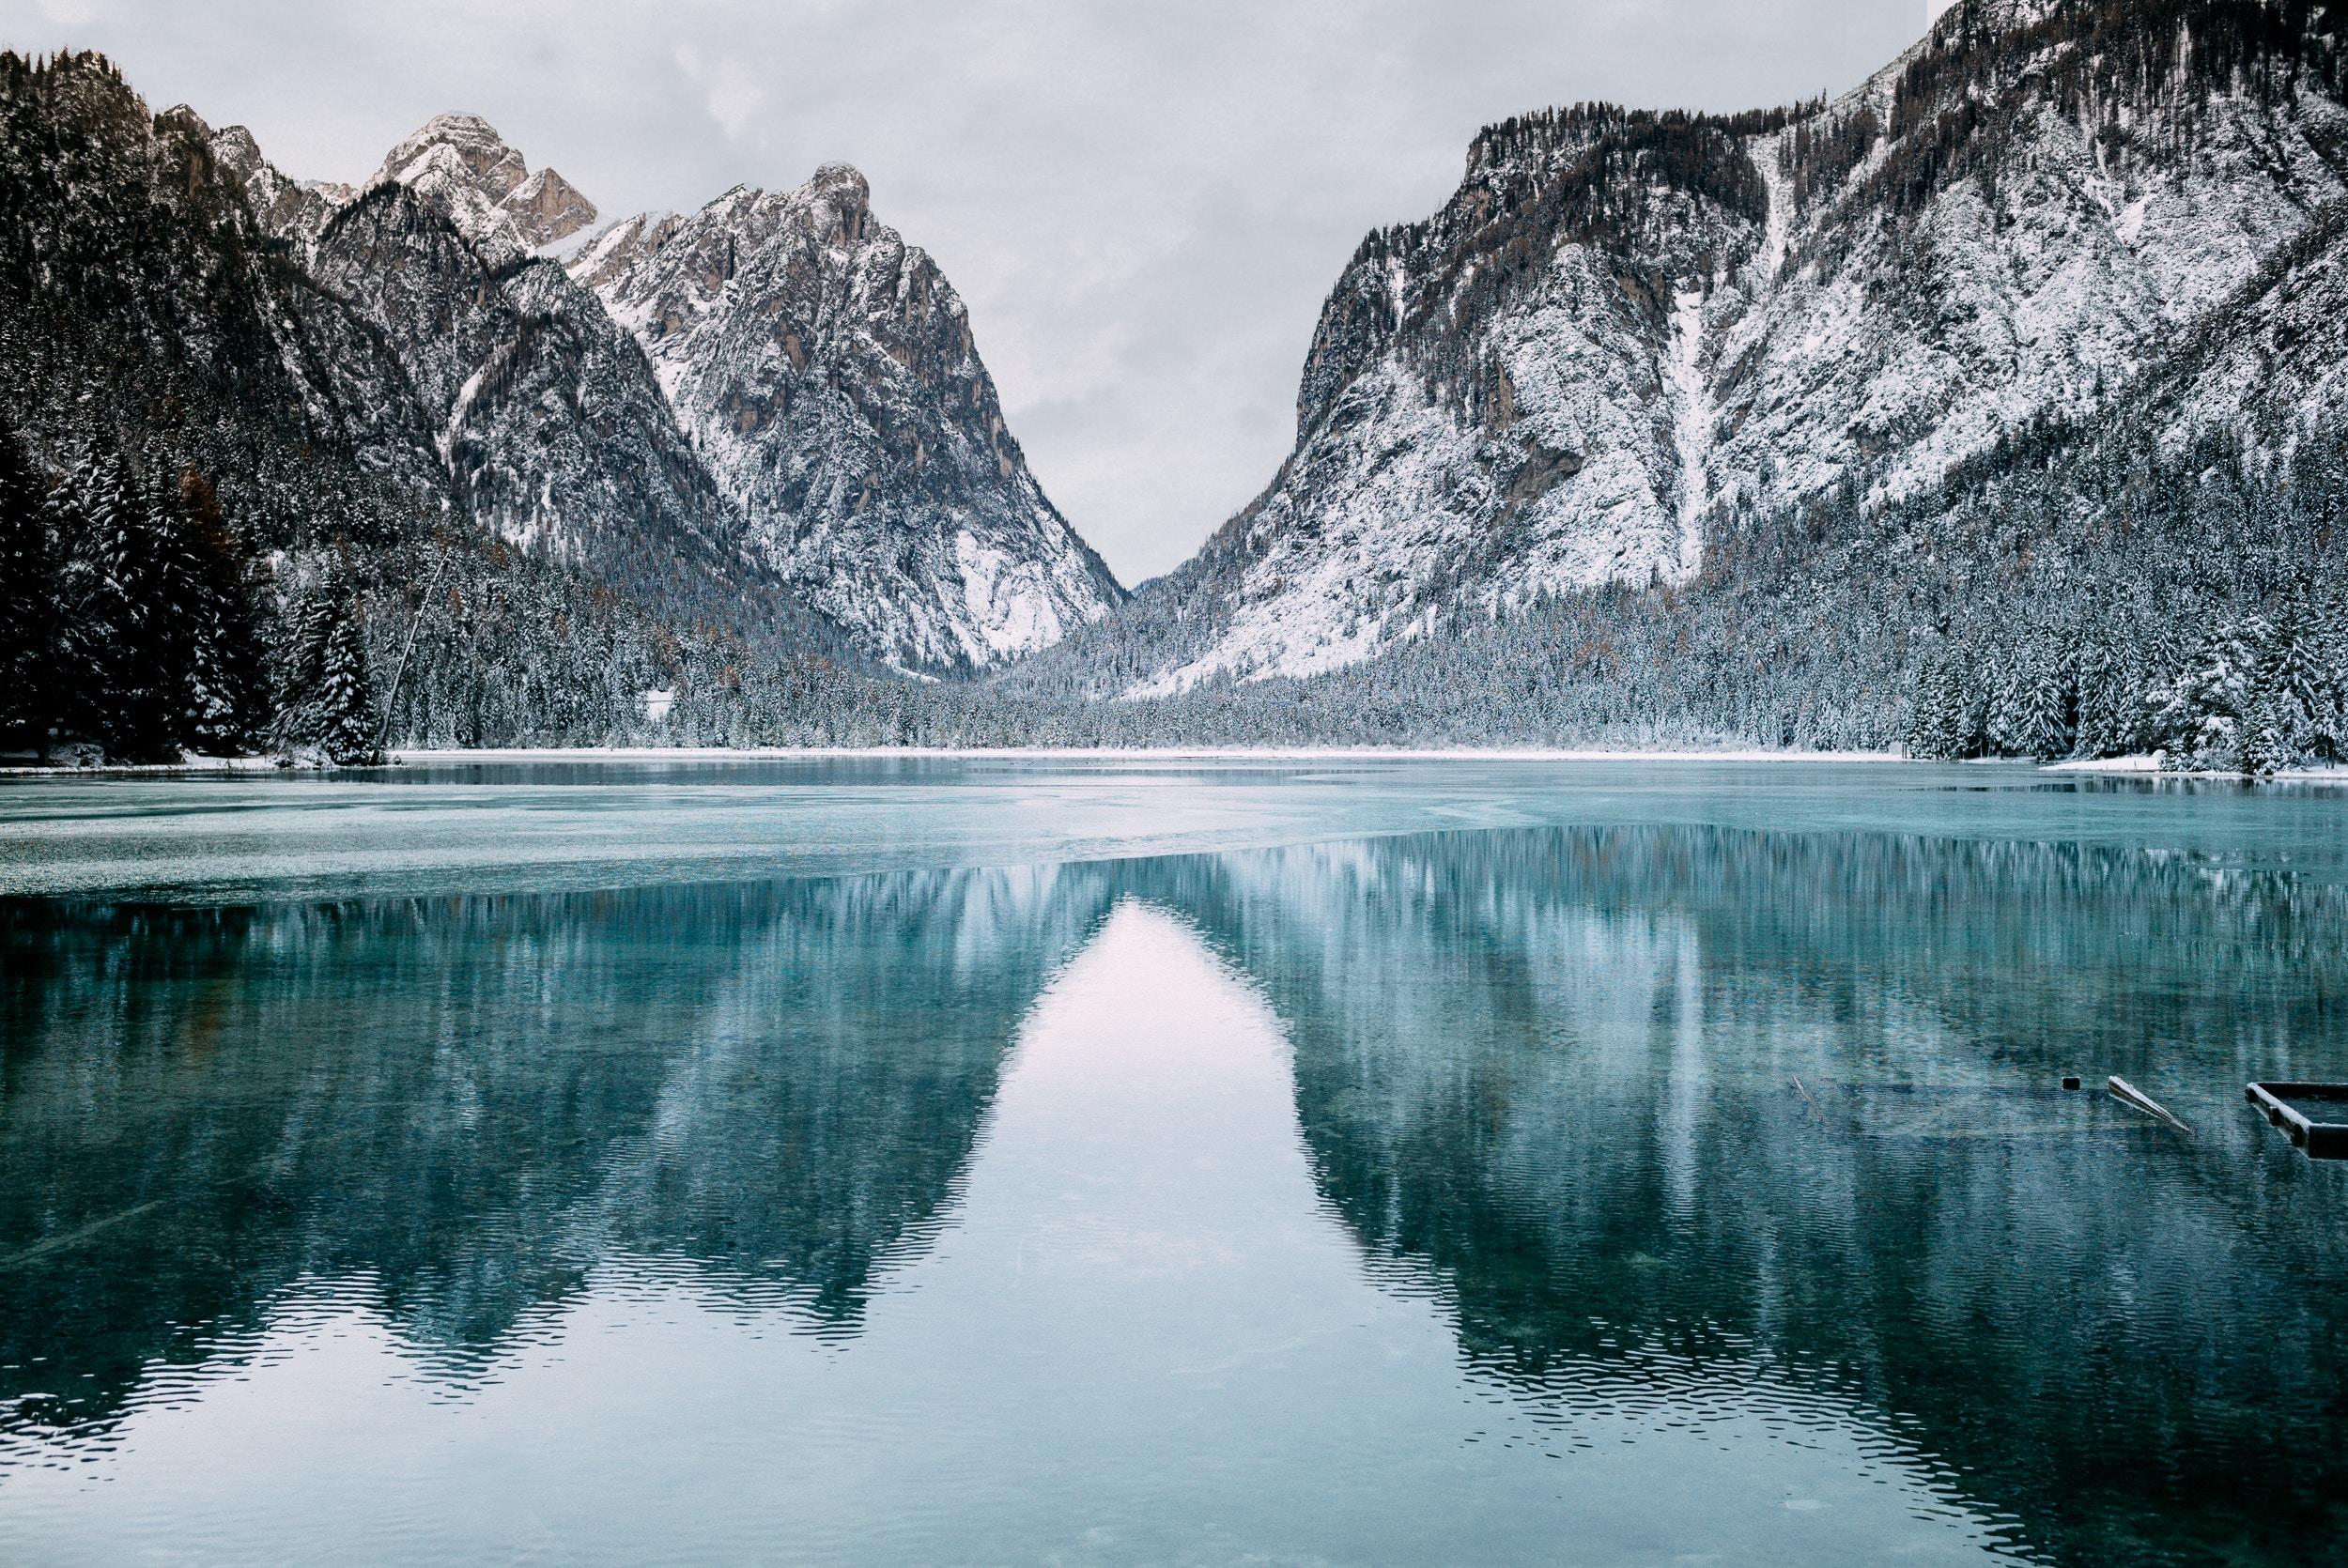 5382903 2500x1670 river images landscape rock frozen 2500x1670